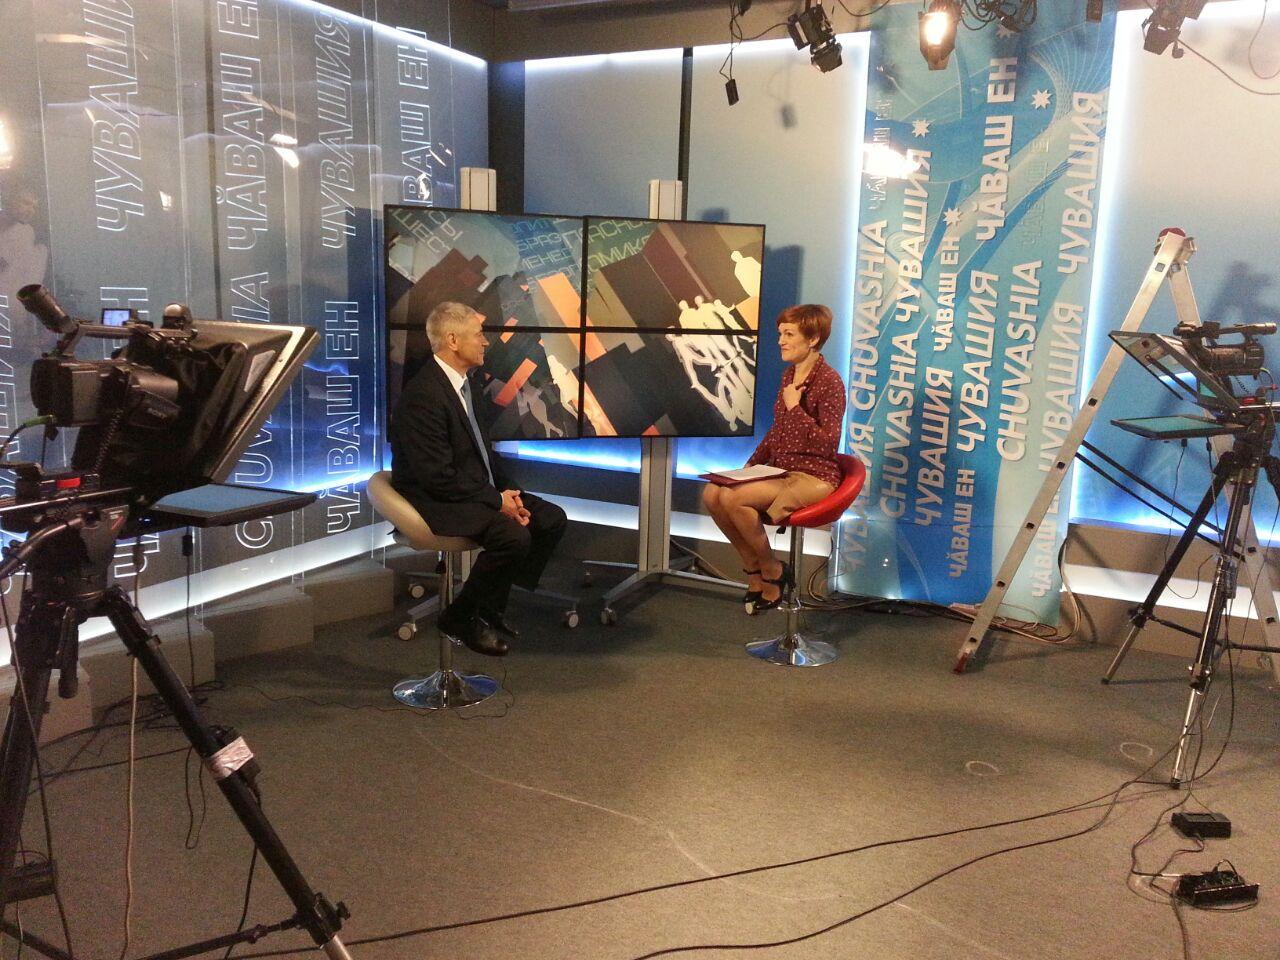 П.А. Рожков в г. Чебоксары (Чувашская Республика) принял участие в съемке телепрограммы «По существу» на Национальном телеканале Чувашии